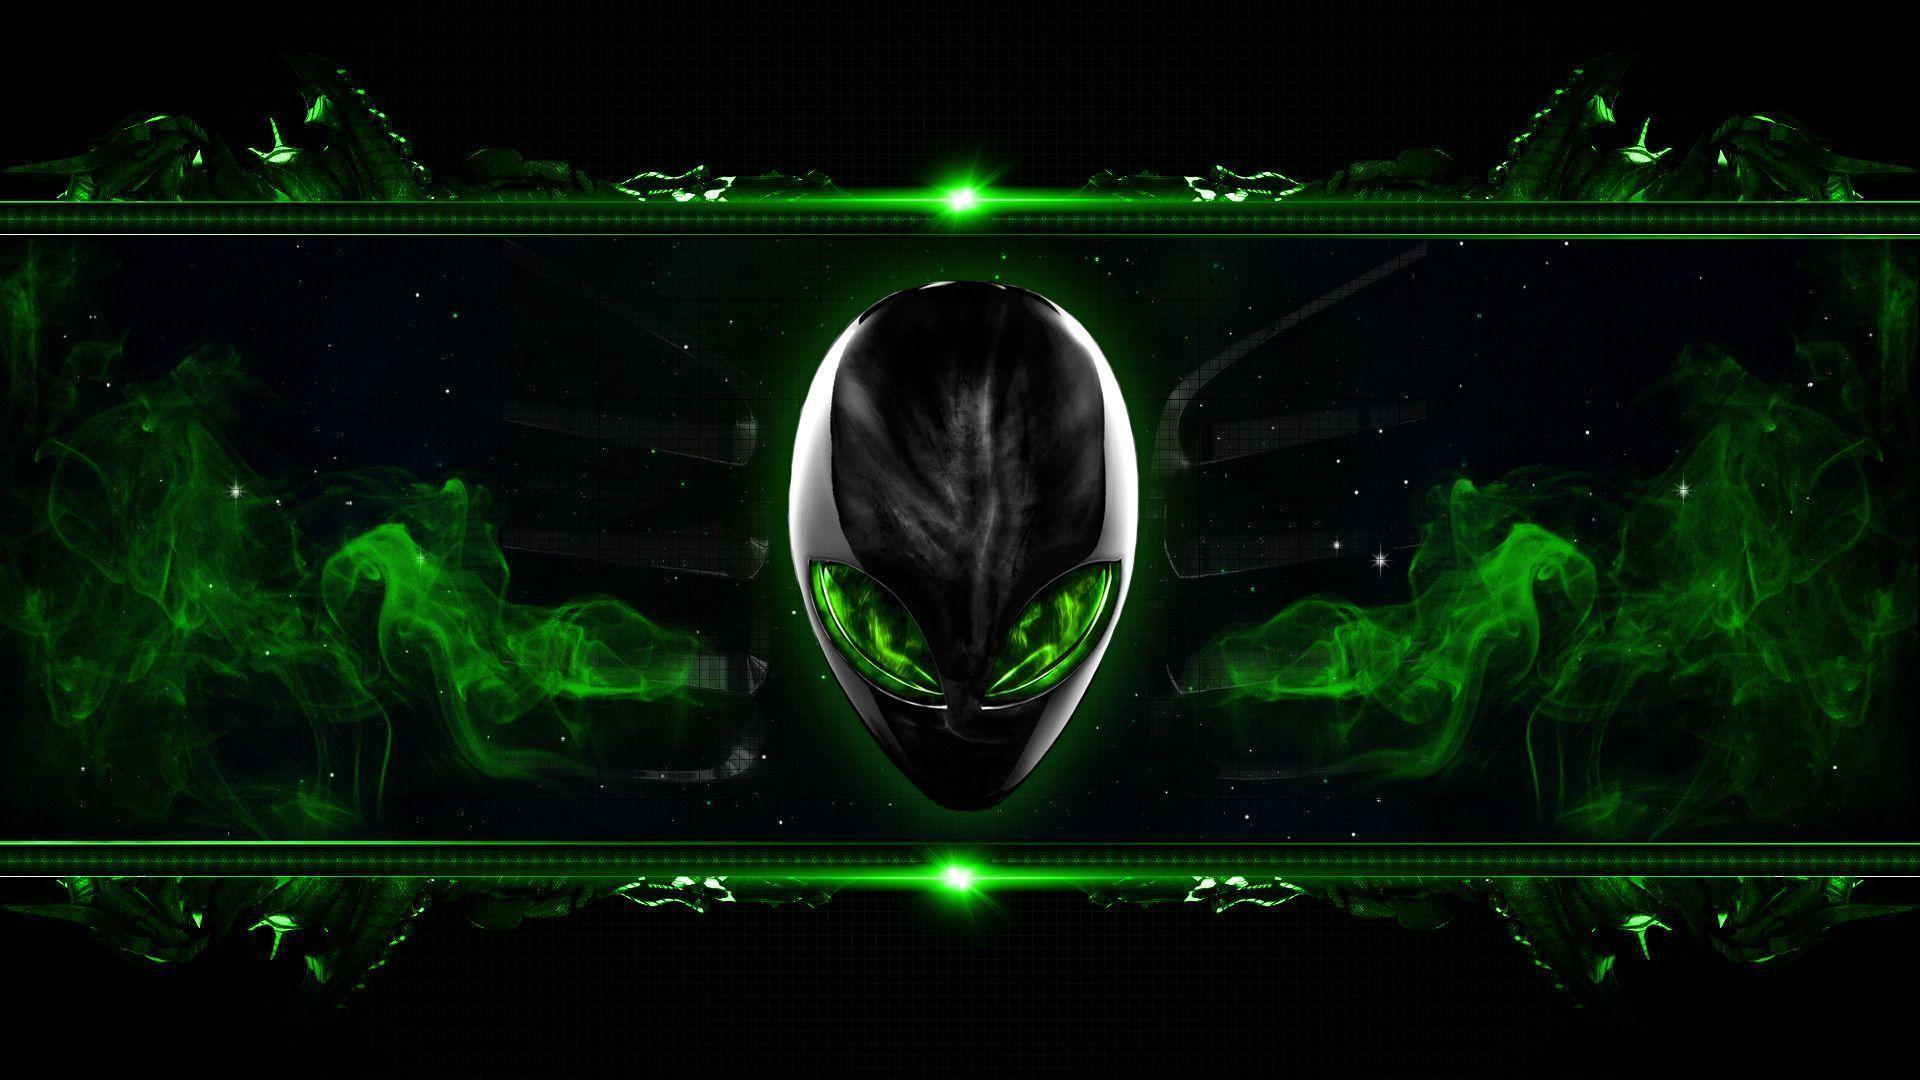 Hd alienware wallpapers wallpaper cave 103 alienware wallpapers alienware backgrounds voltagebd Gallery